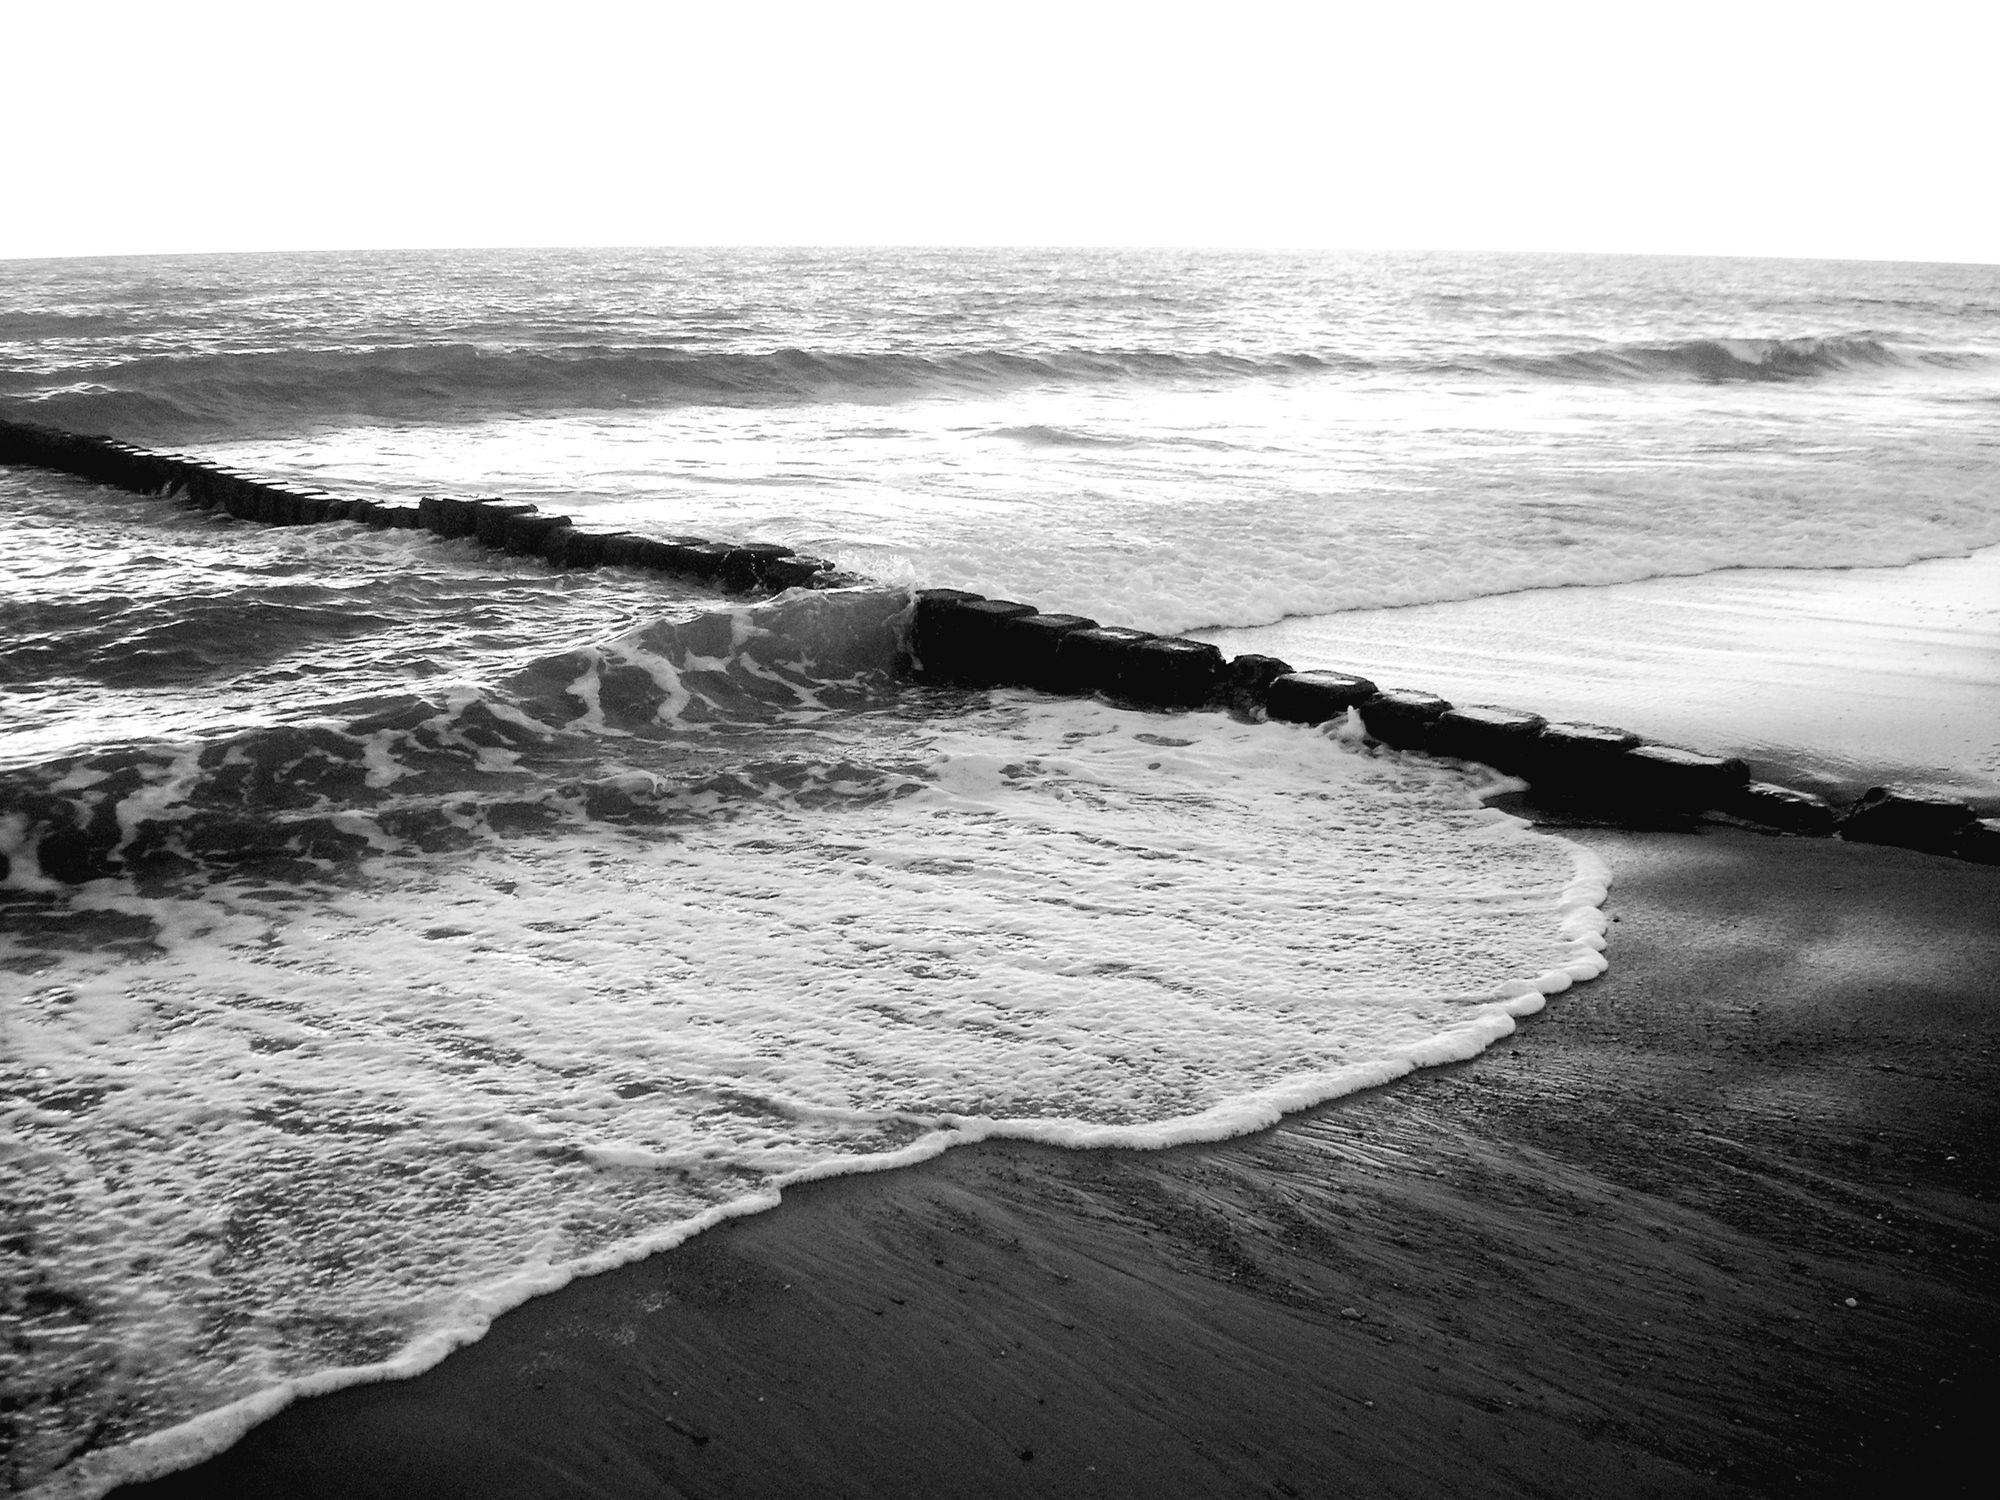 Bild mit Farben, Gegenstände, Natur, Elemente, Wasser, Landschaften, Himmel, Gewässer, Küsten und Ufer, Weiß, Materialien, Meere, Strände, Horizont, Brandung, Wellen, Stein, Sand, Schwarz